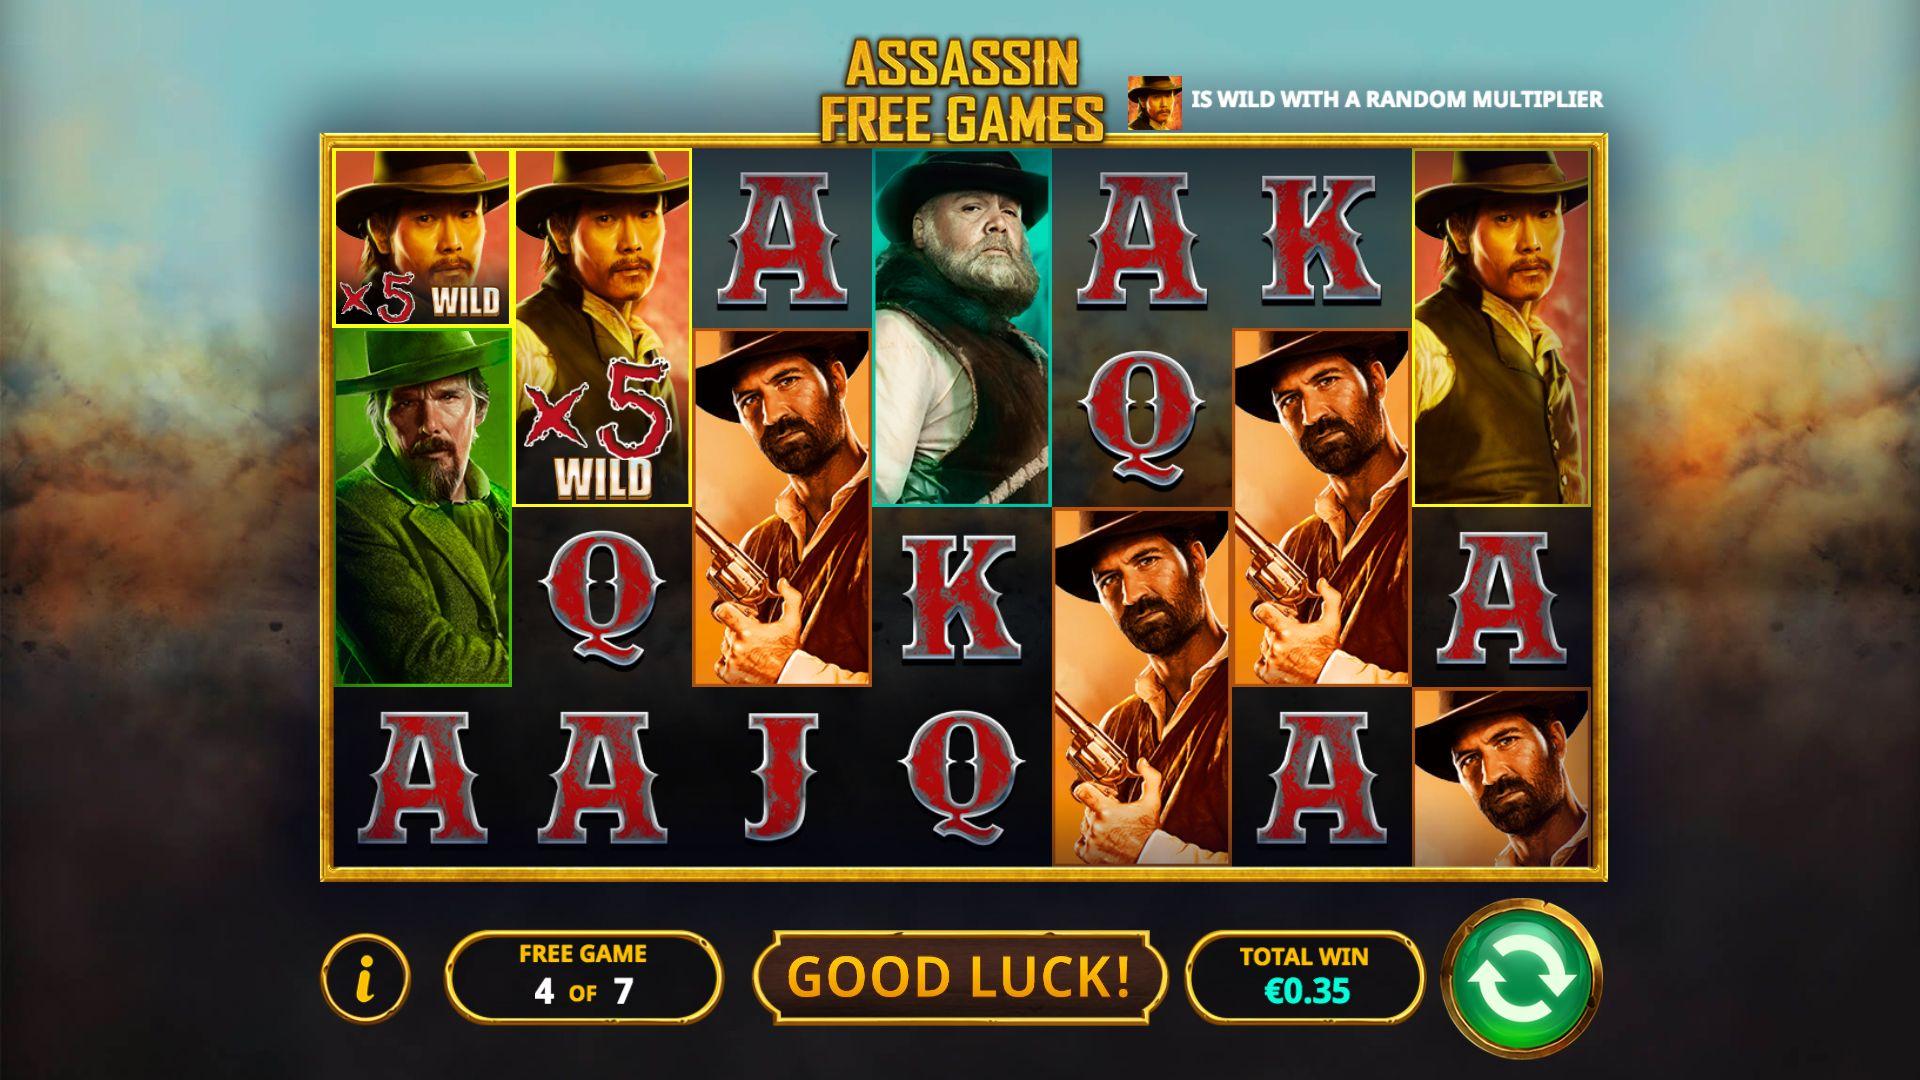 Assassins Free Games